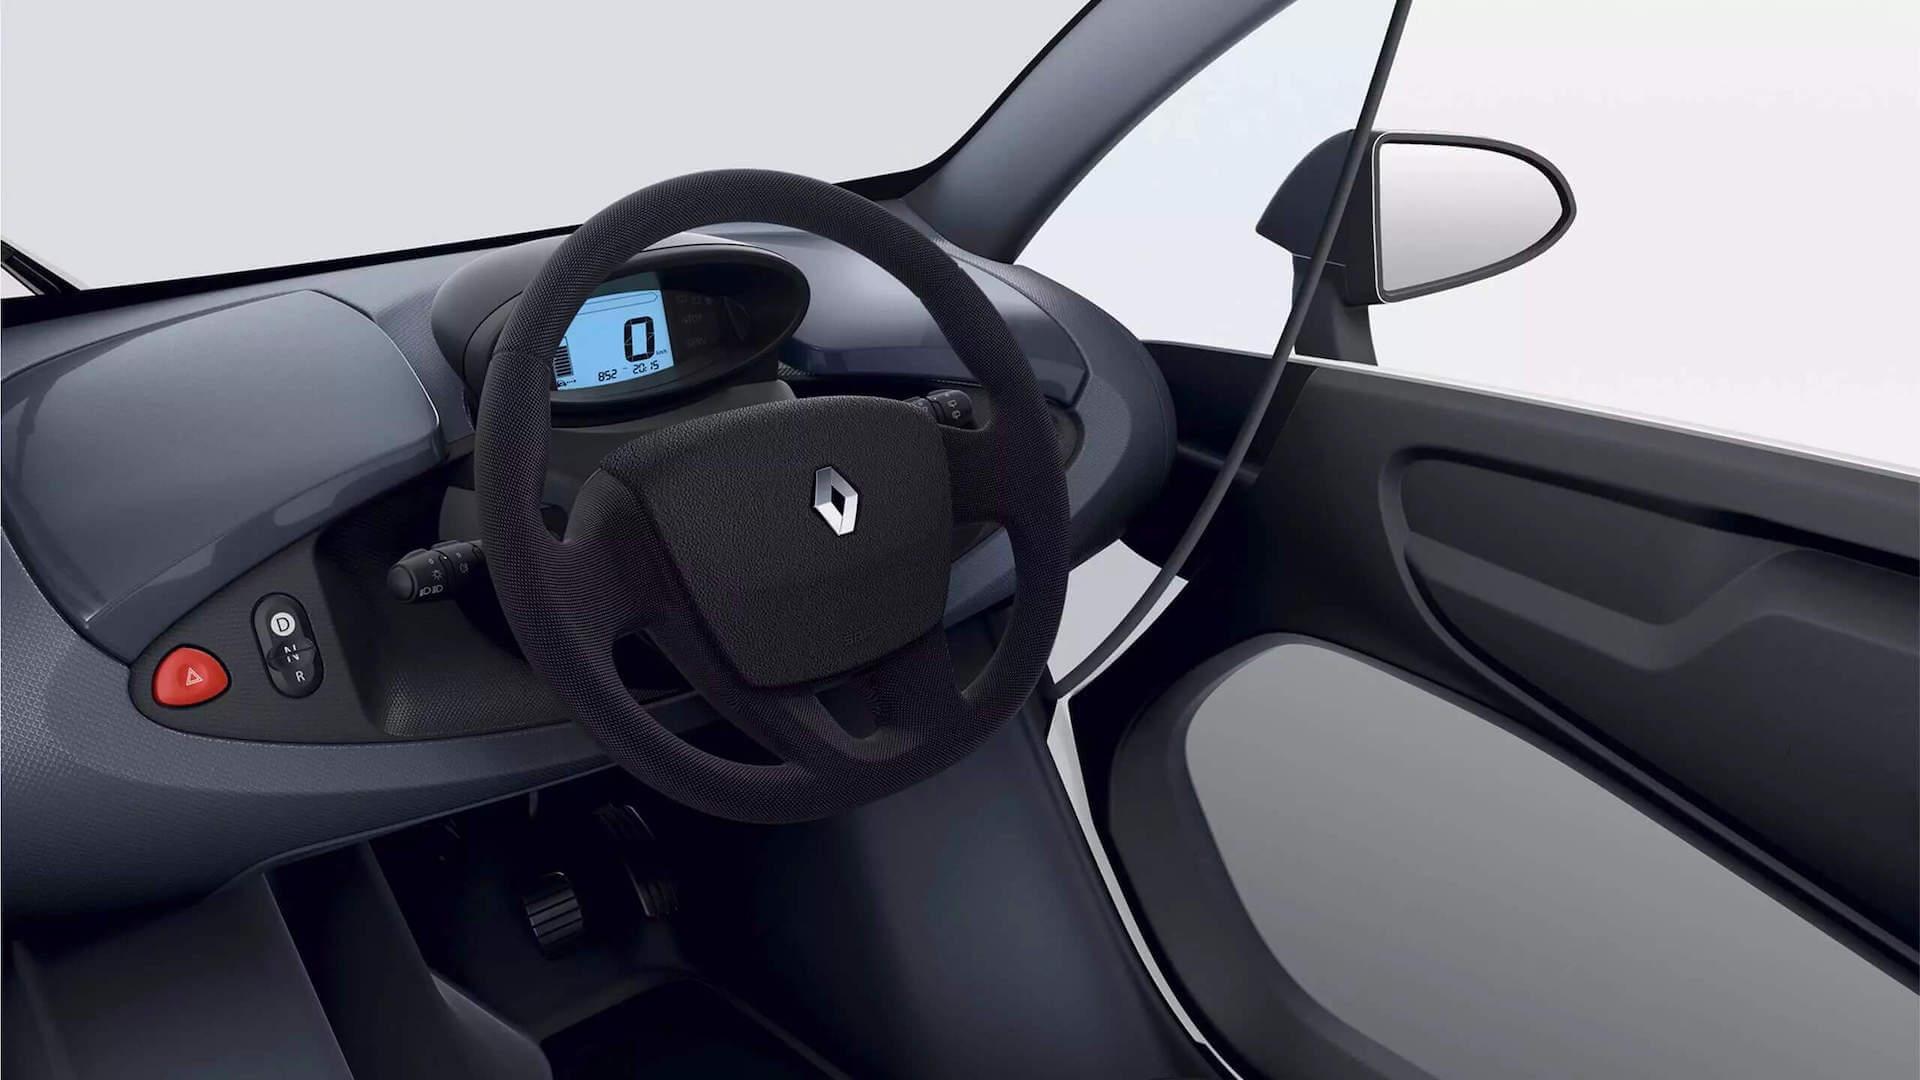 Cockpit - Autoansicht von innen - Renault Twizy - Renault Ahrens Hannover